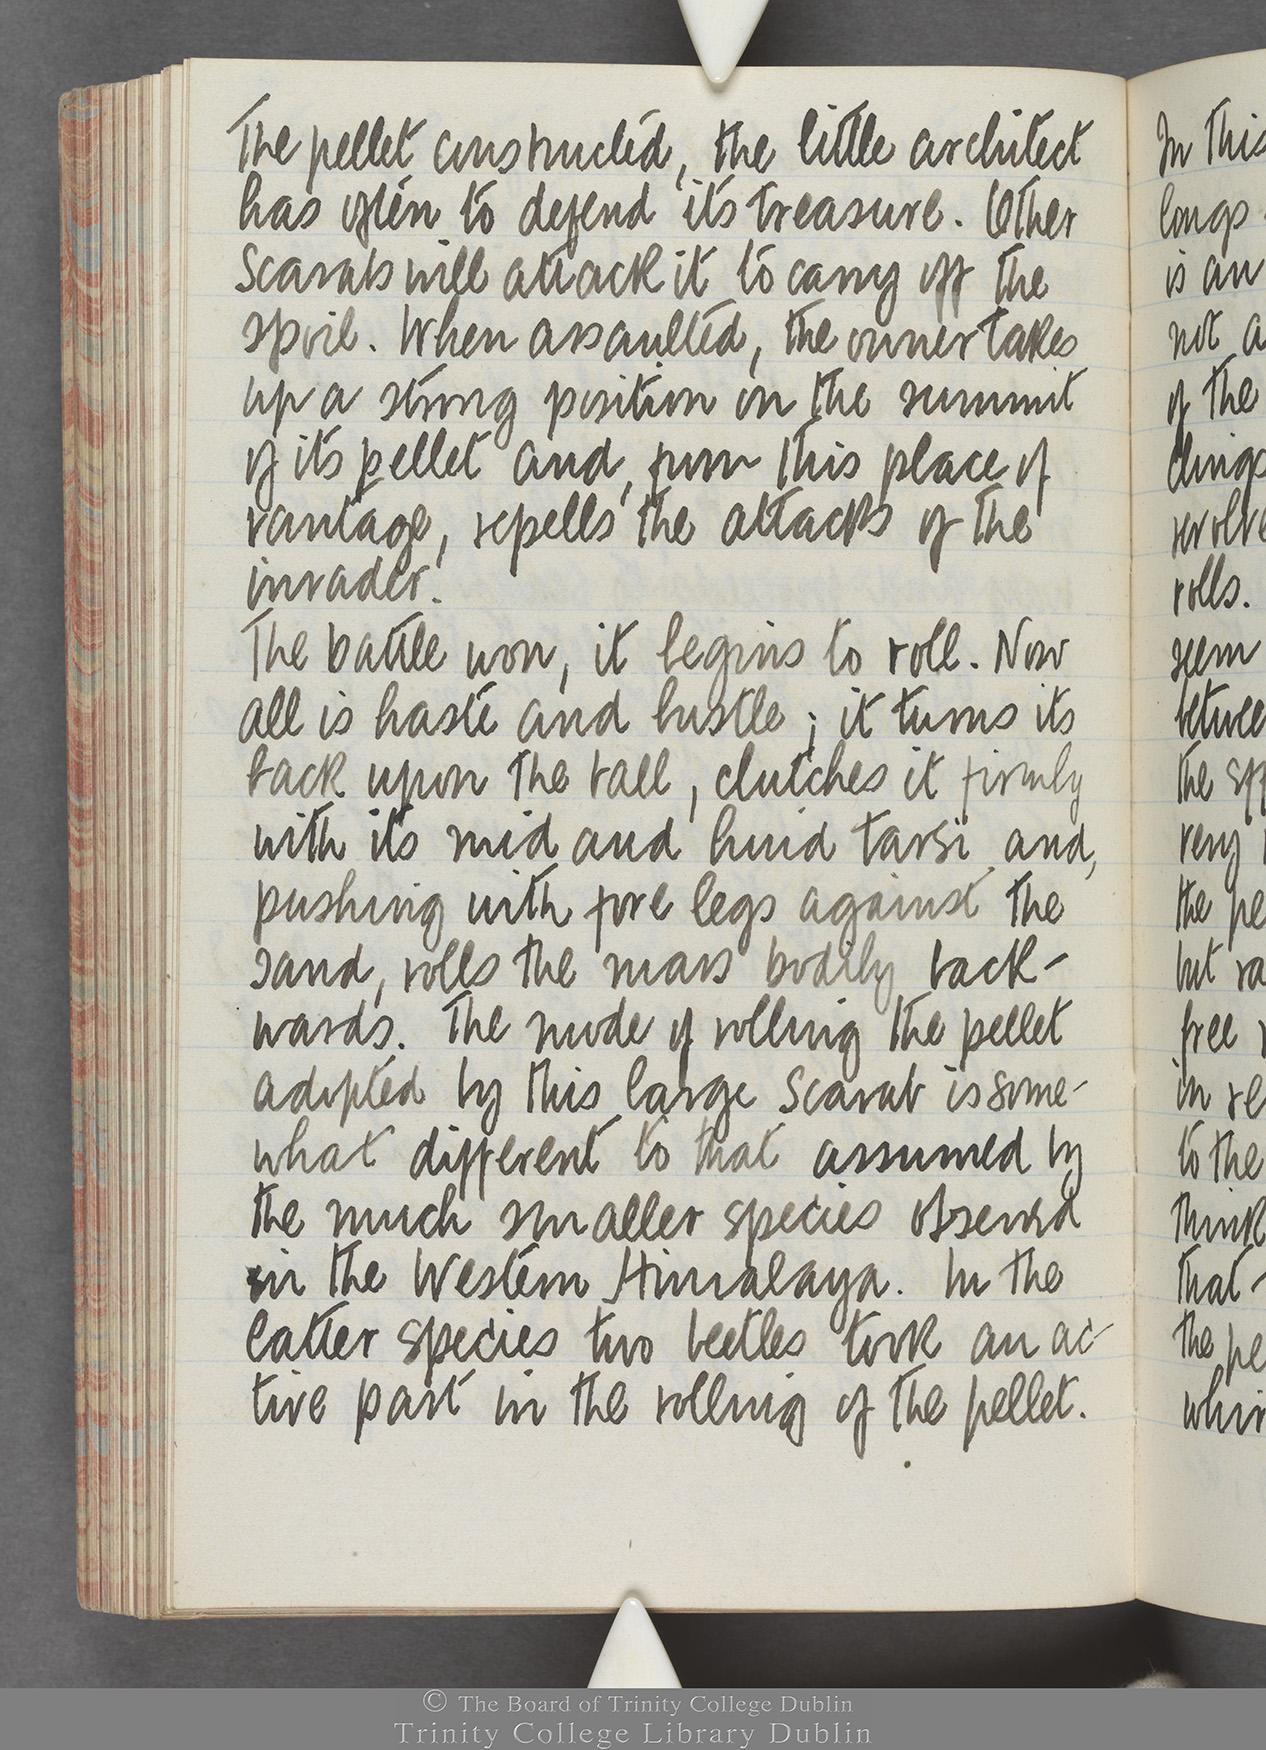 TCD MS 10515 folio 91 verso